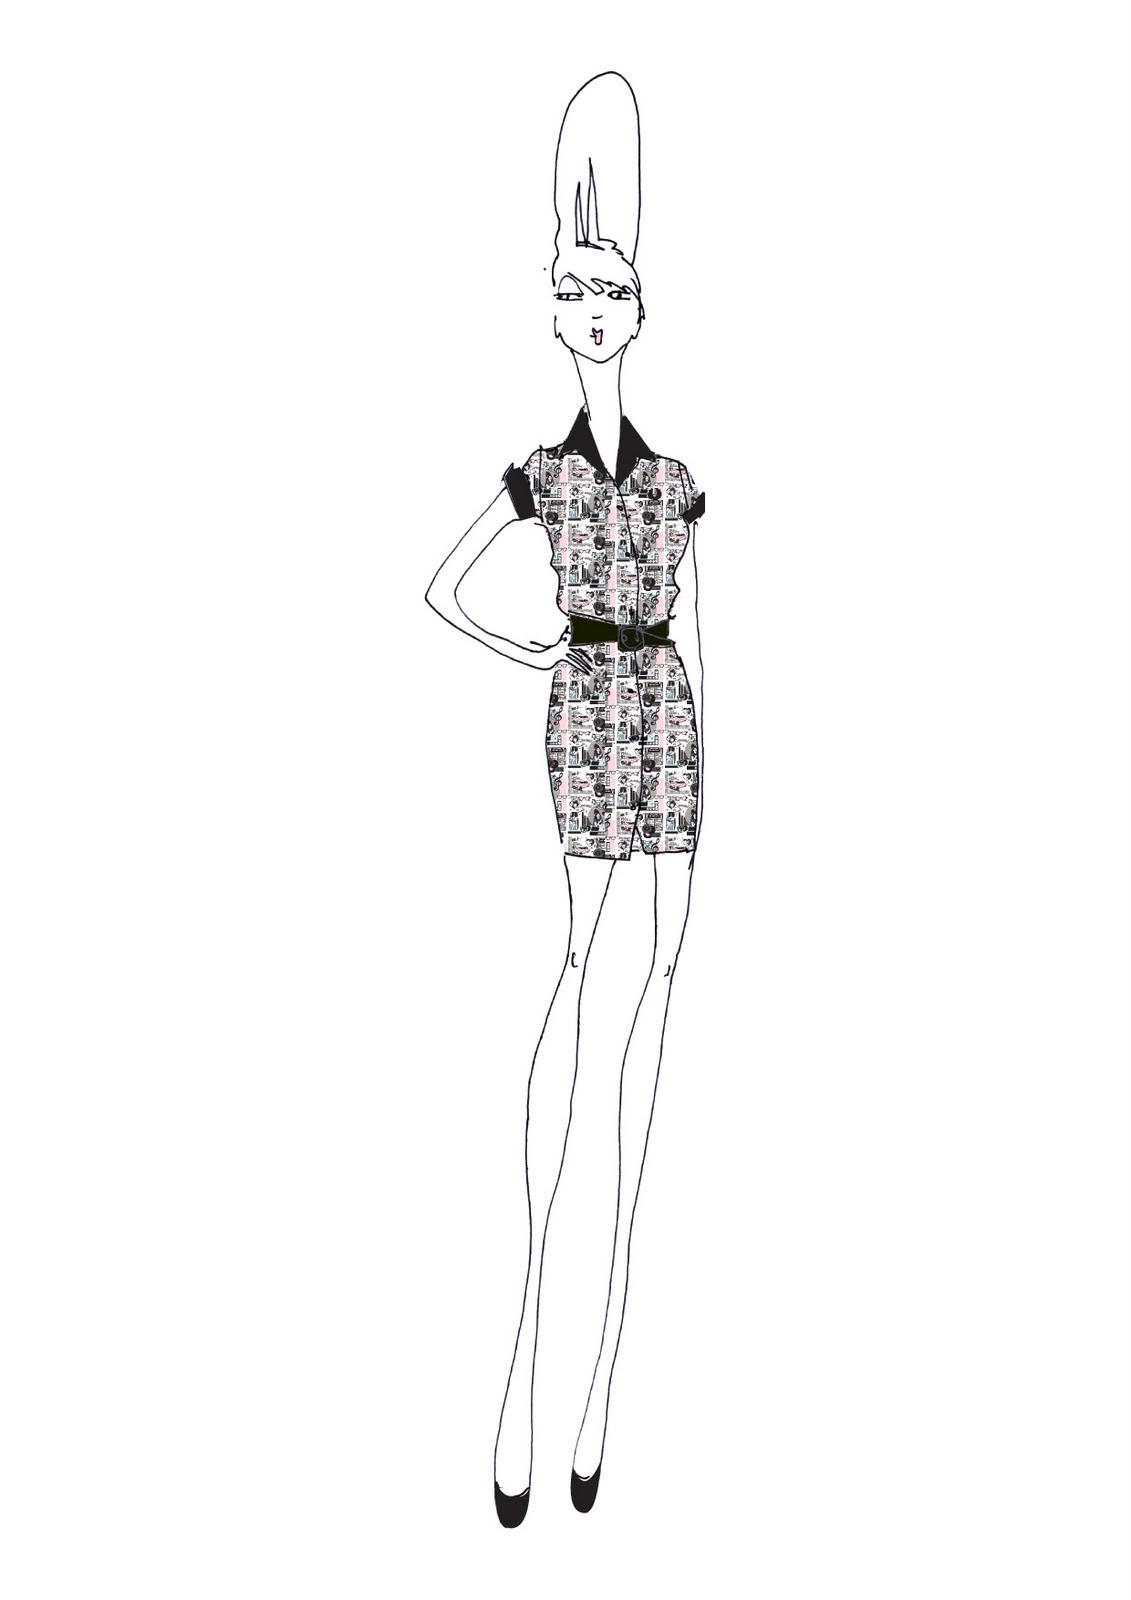 http://3.bp.blogspot.com/-nwMHW2I8iXE/TtwTJt449uI/AAAAAAAAE2s/Vu_-n1NqsiU/s1600/FP+X+AW+Americana+Dress+SS12.jpg